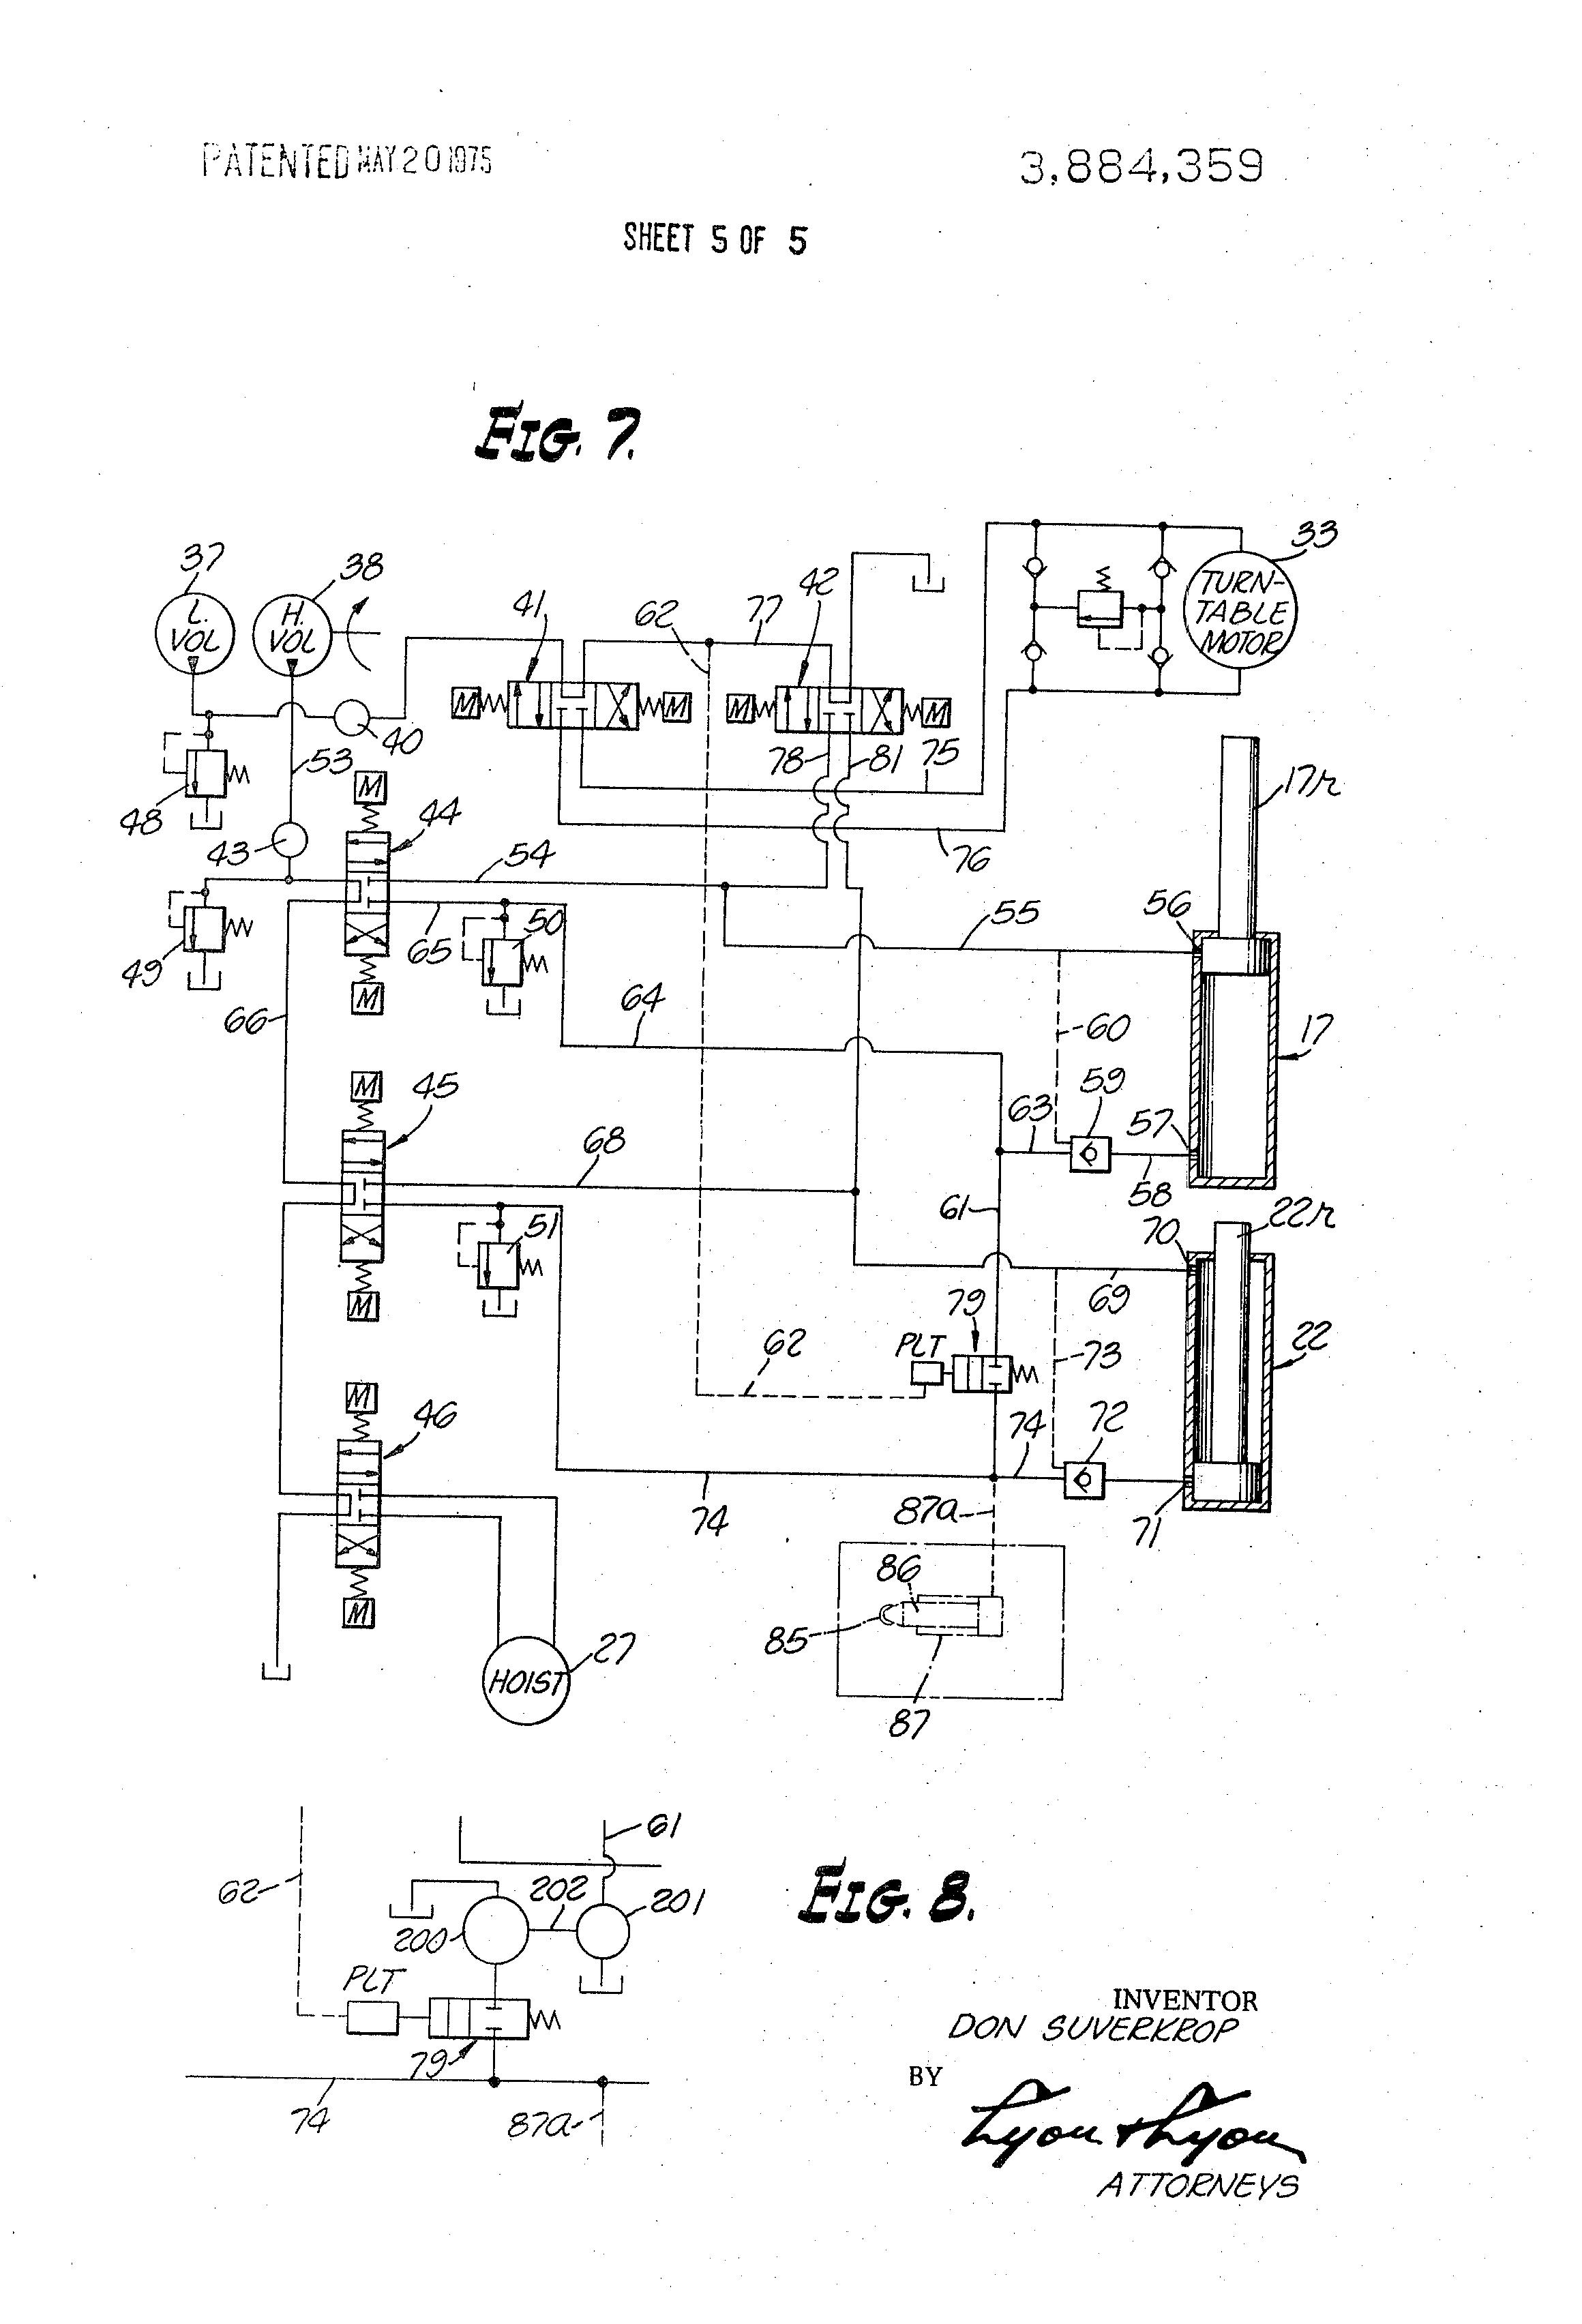 wiring diagram pioneer deh 815 pete 379 wiring diagram wiring library  pete 379 wiring diagram wiring library